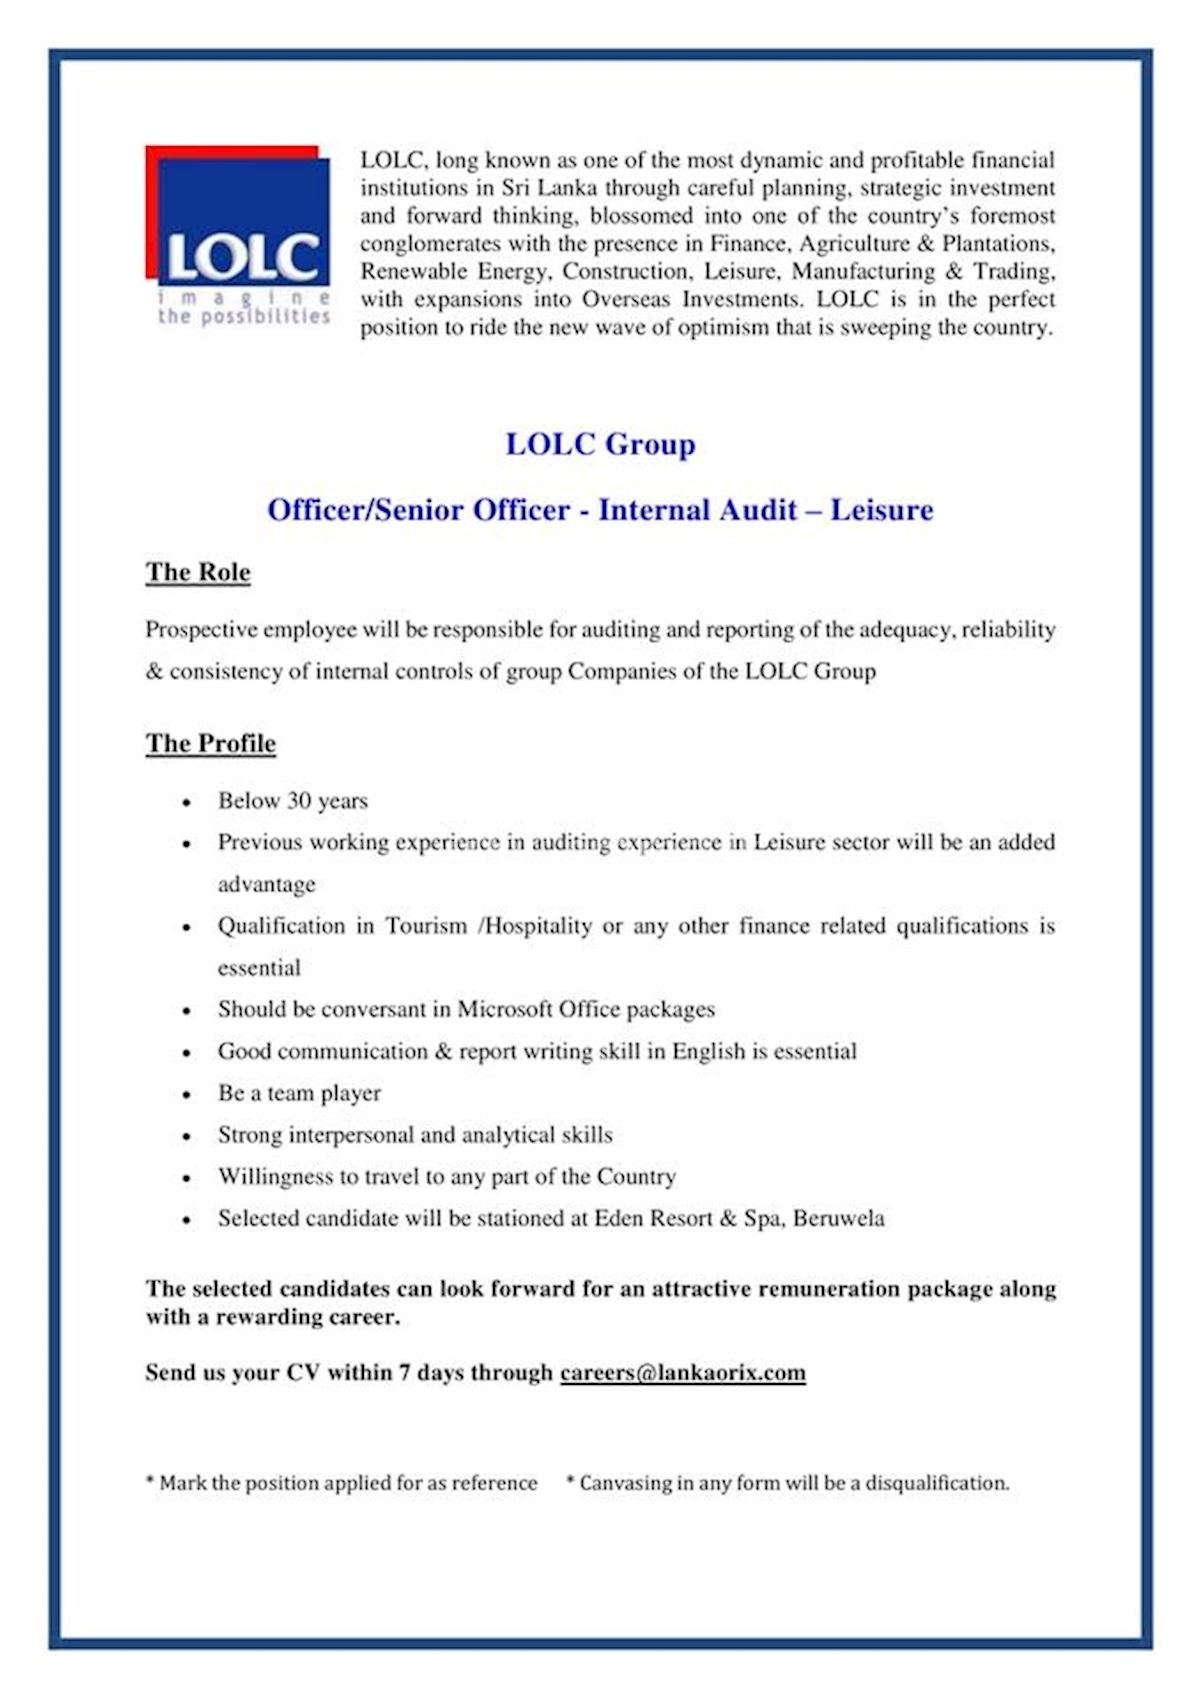 Officer/Senior Officer - Internal Audit - Leisure